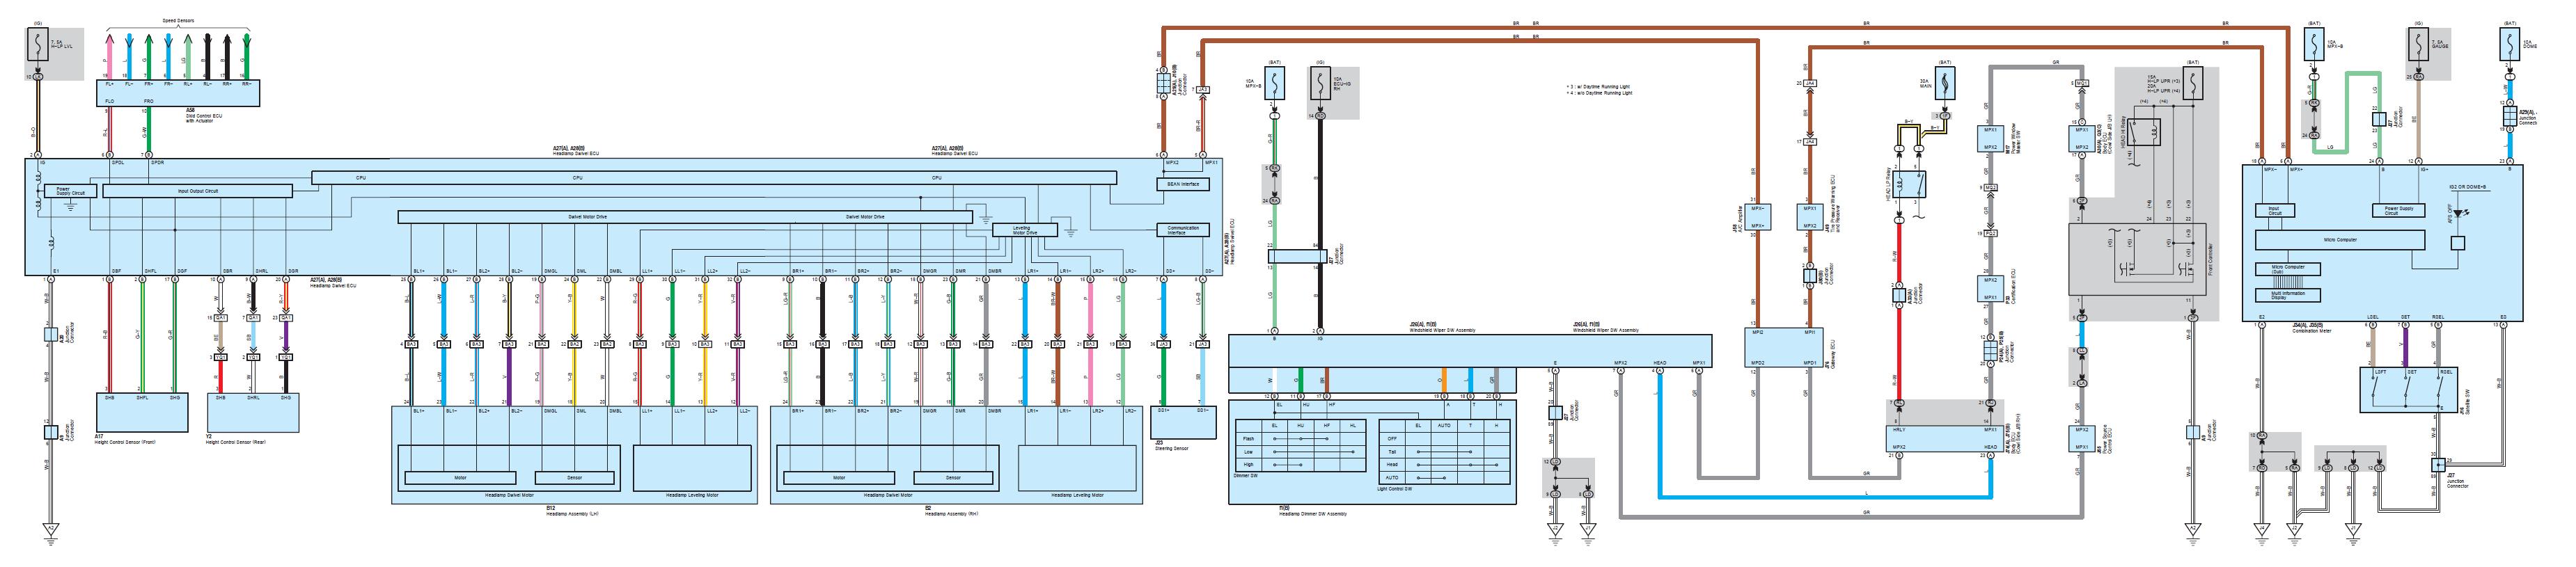 Lexus Rx330 Schematic Best Wiring Diagrams Blue Igno Blue Igno Ekoegur Es